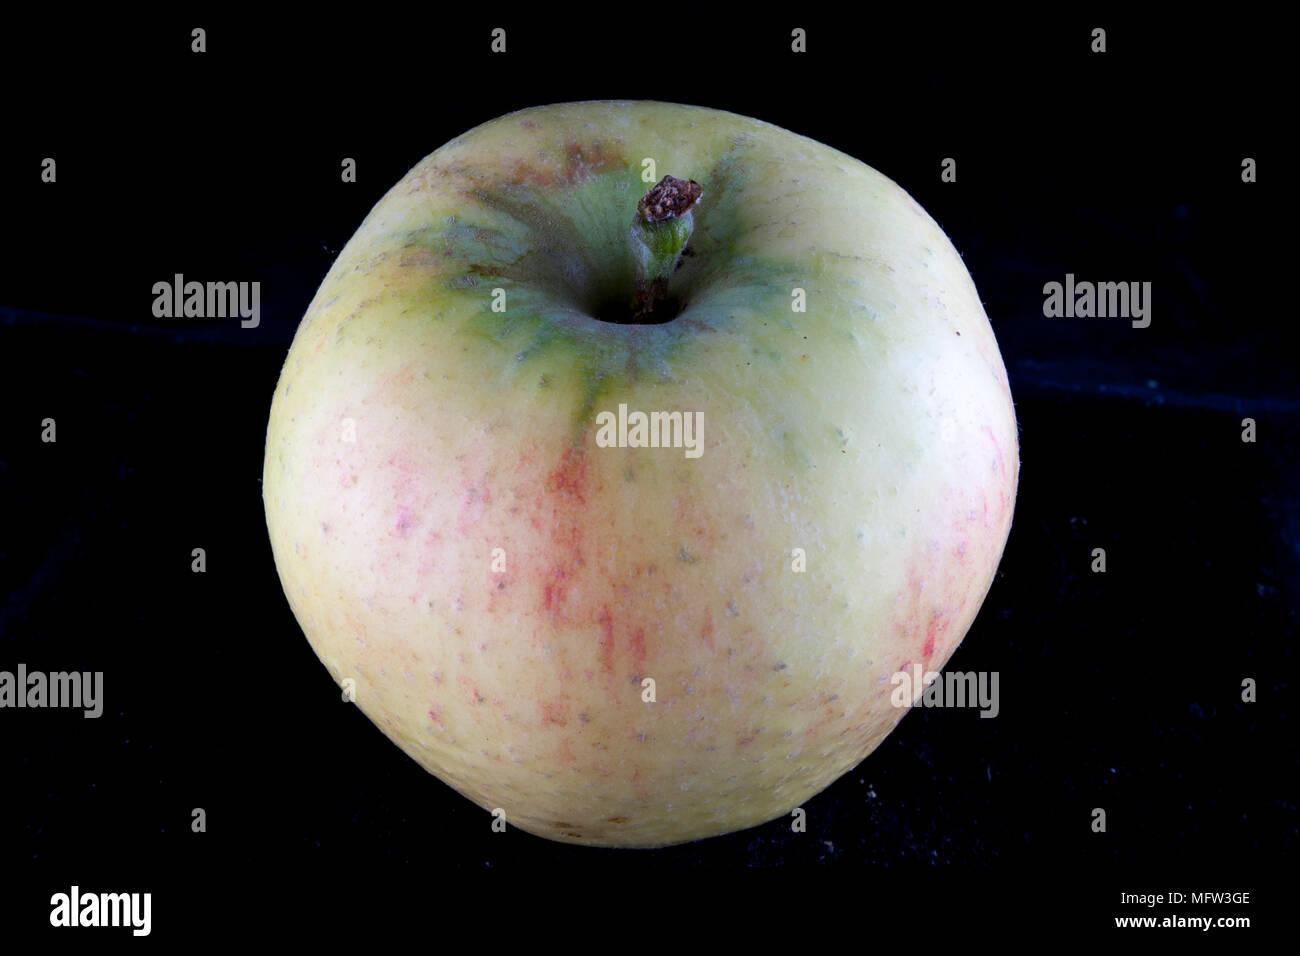 Old German Apple Cultivar 'Rheinland Ruhm' - Stock Image